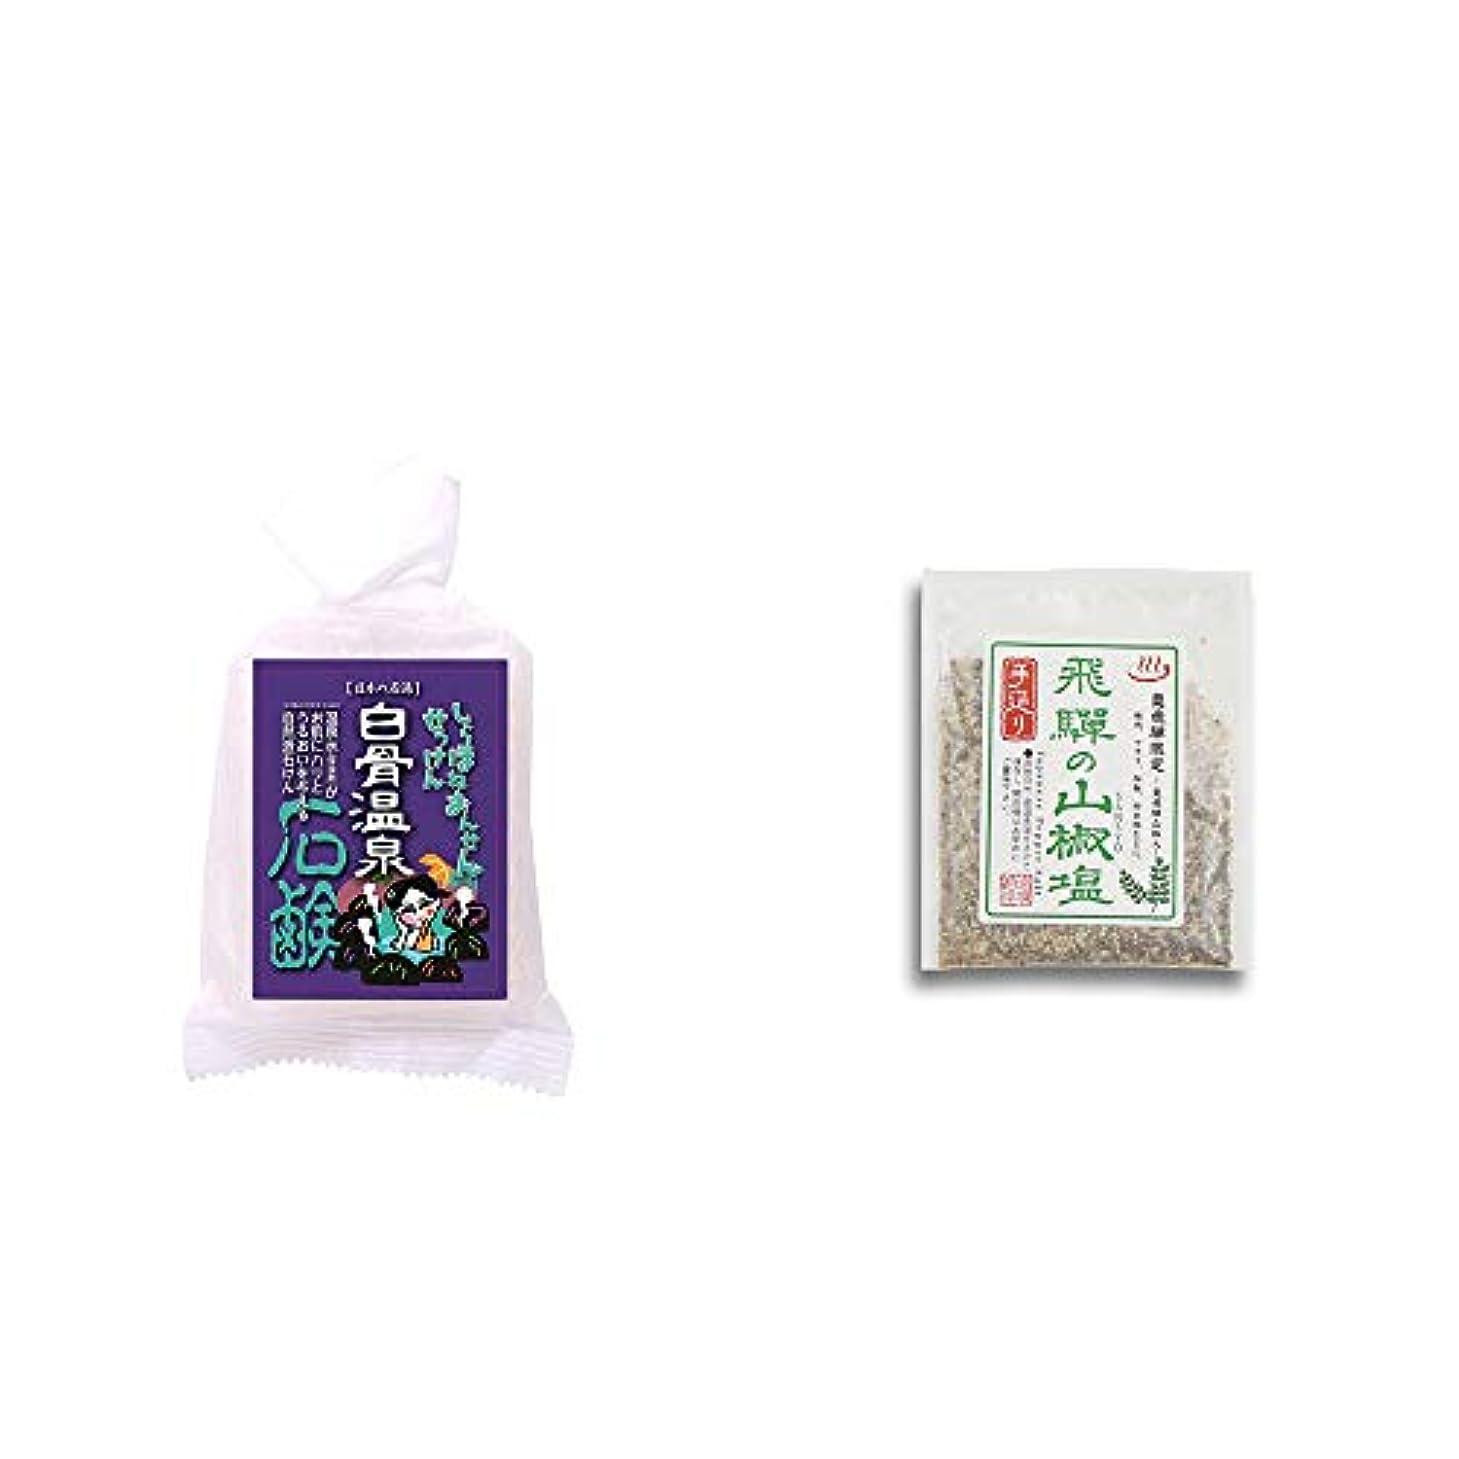 上げる財政中古[2点セット] 信州 白骨温泉石鹸(80g)?手造り 飛騨の山椒塩(40g)